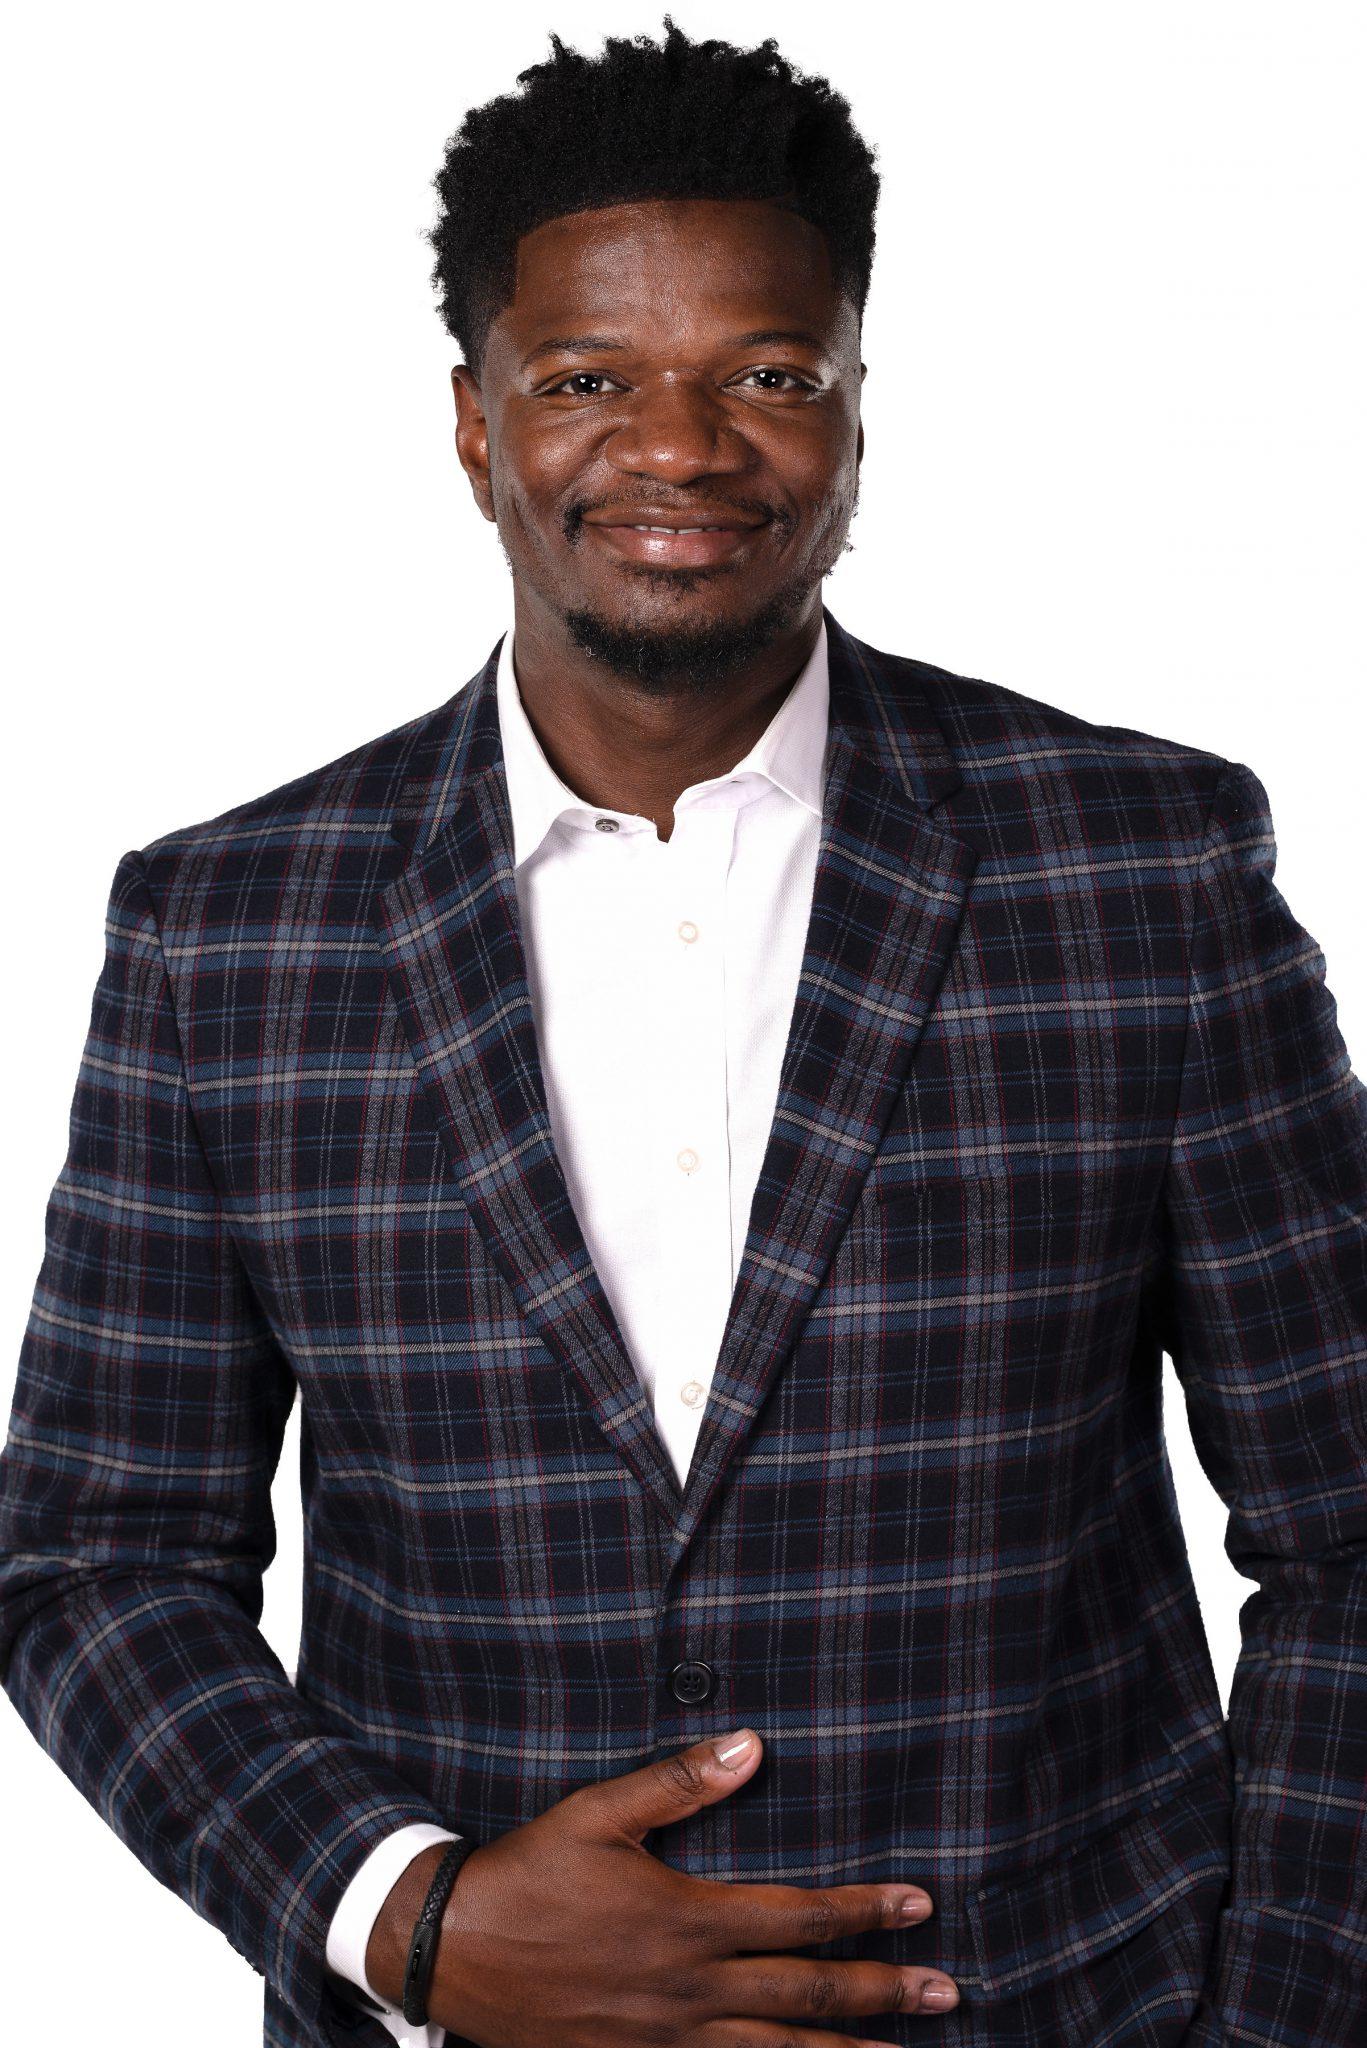 Pastor Terry D. Jones